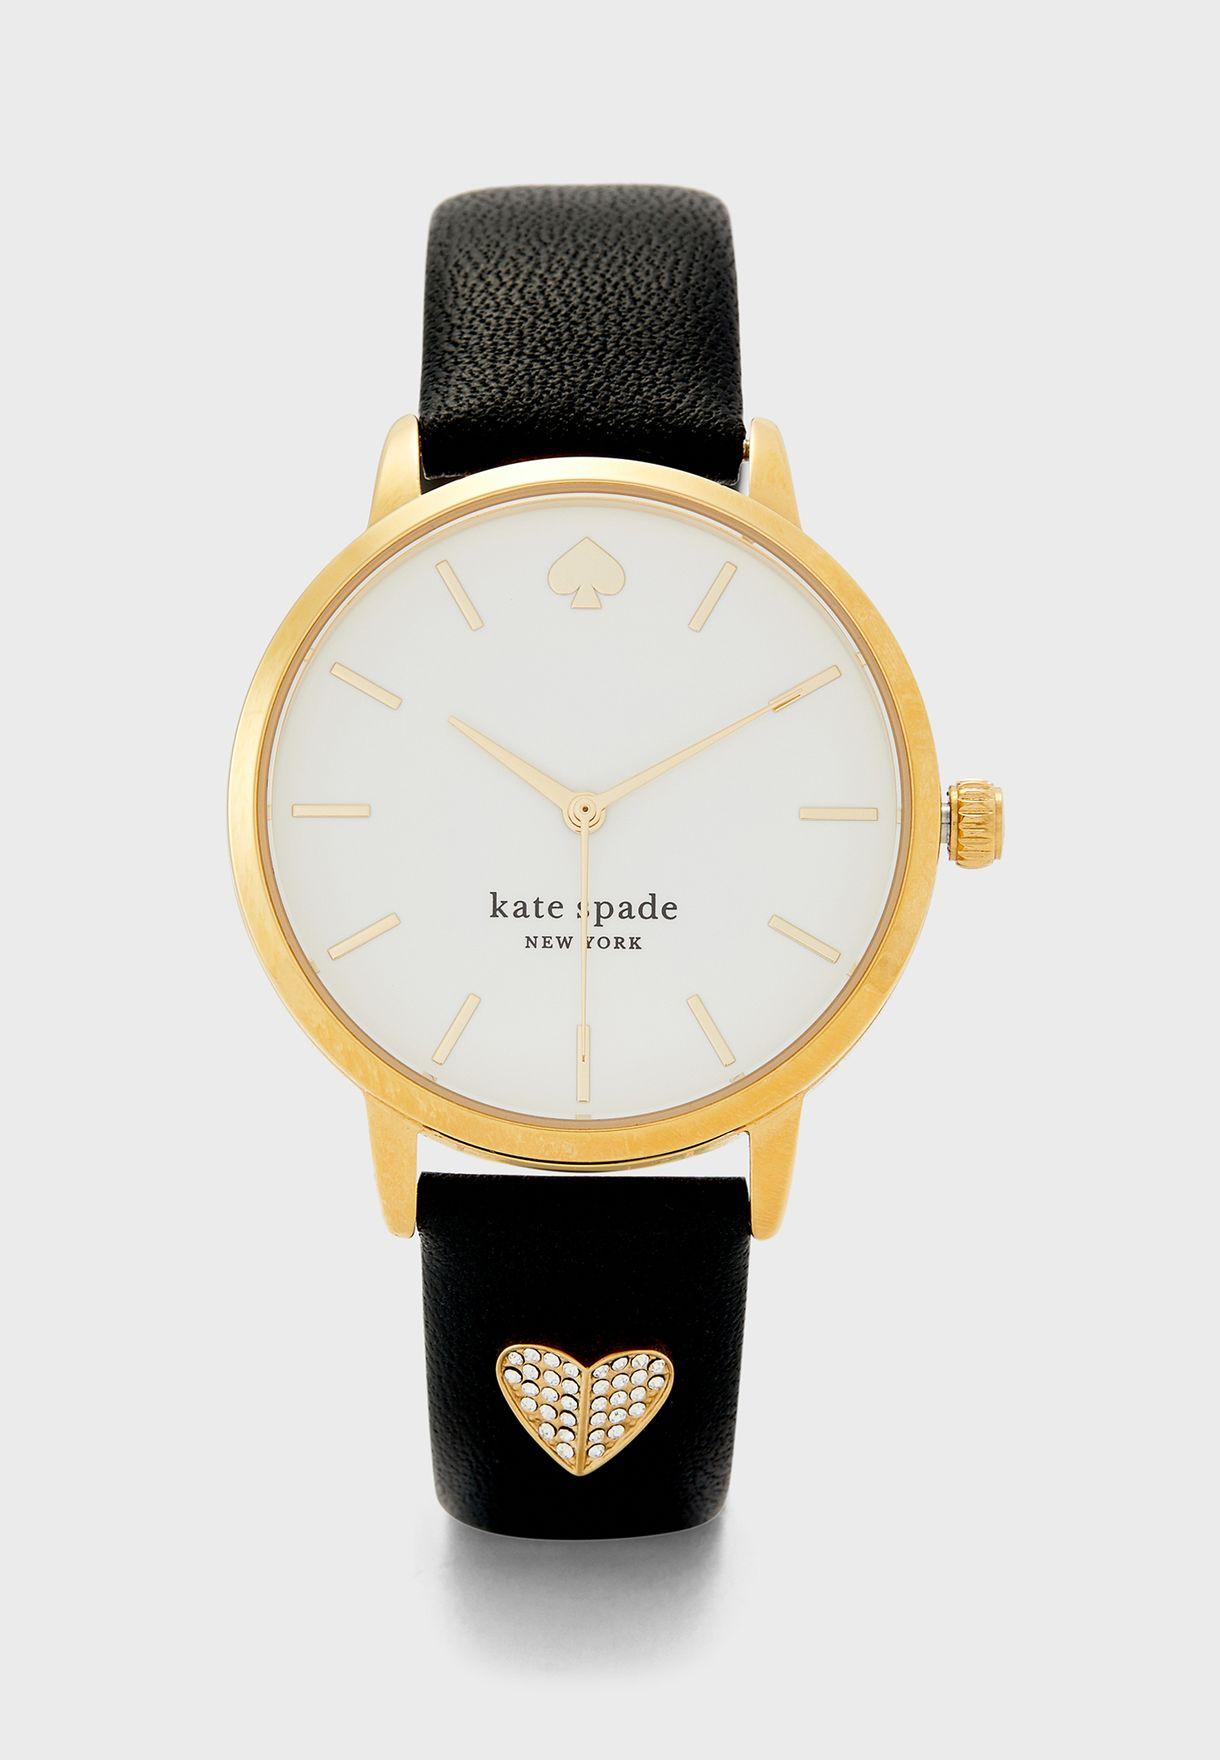 ساعة بحزام جلد اصلي Ksw1690